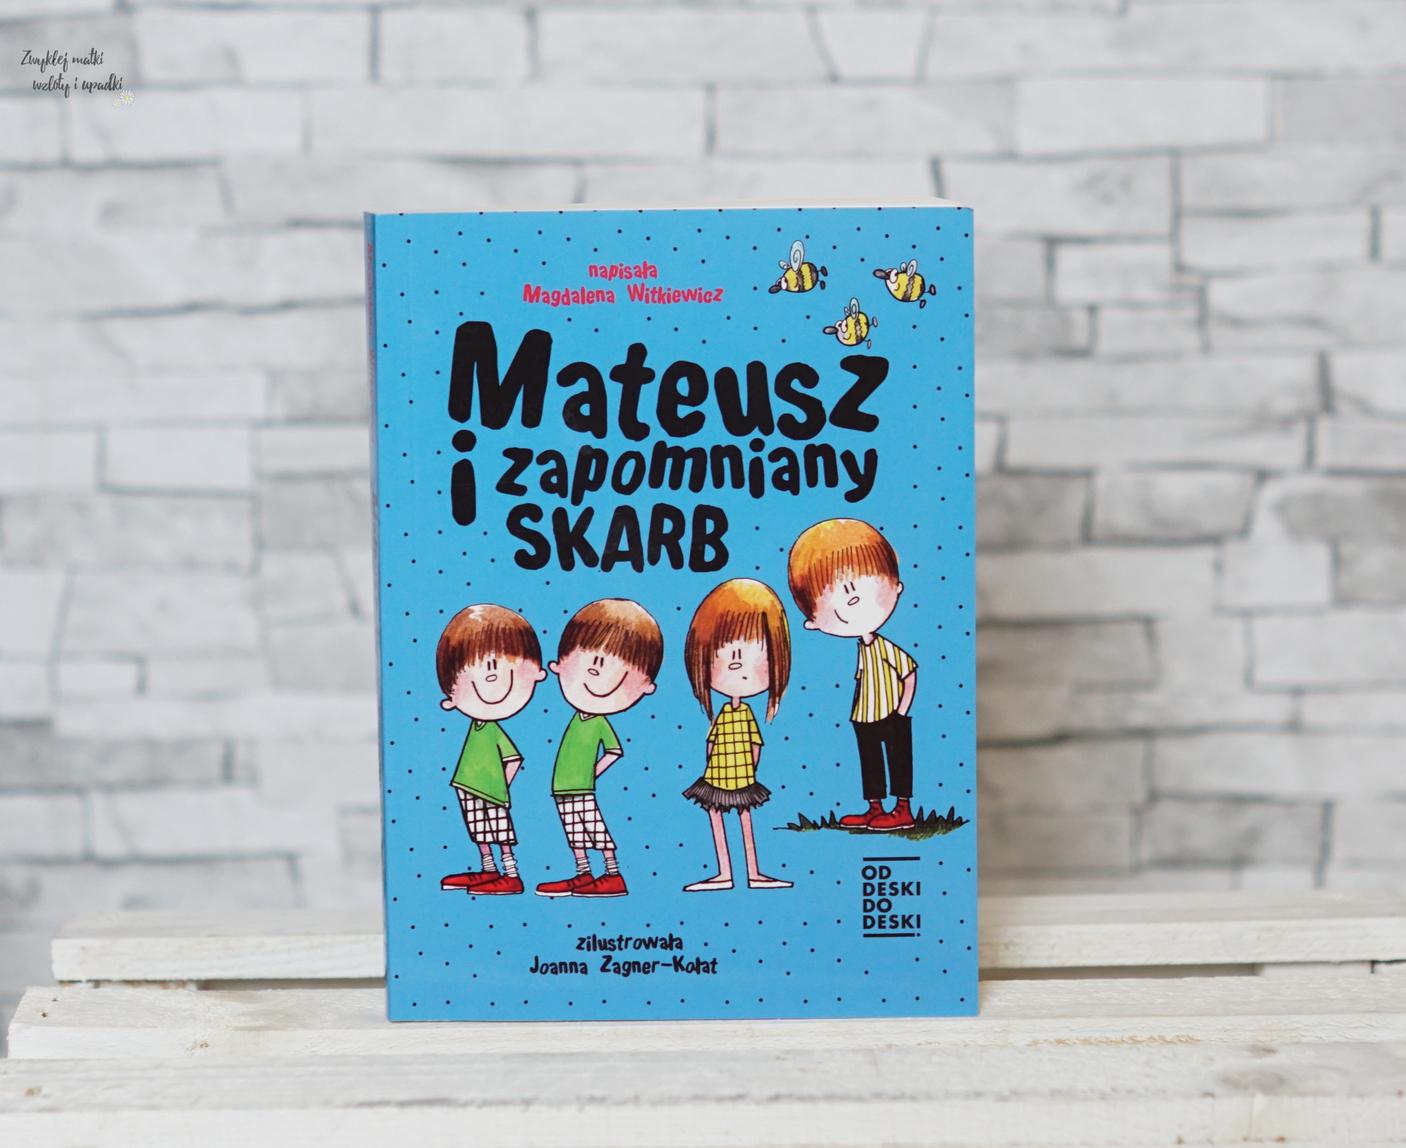 Mateusz i zapomniany skarb, czyli Magdalena Witkiewicz dzieciom